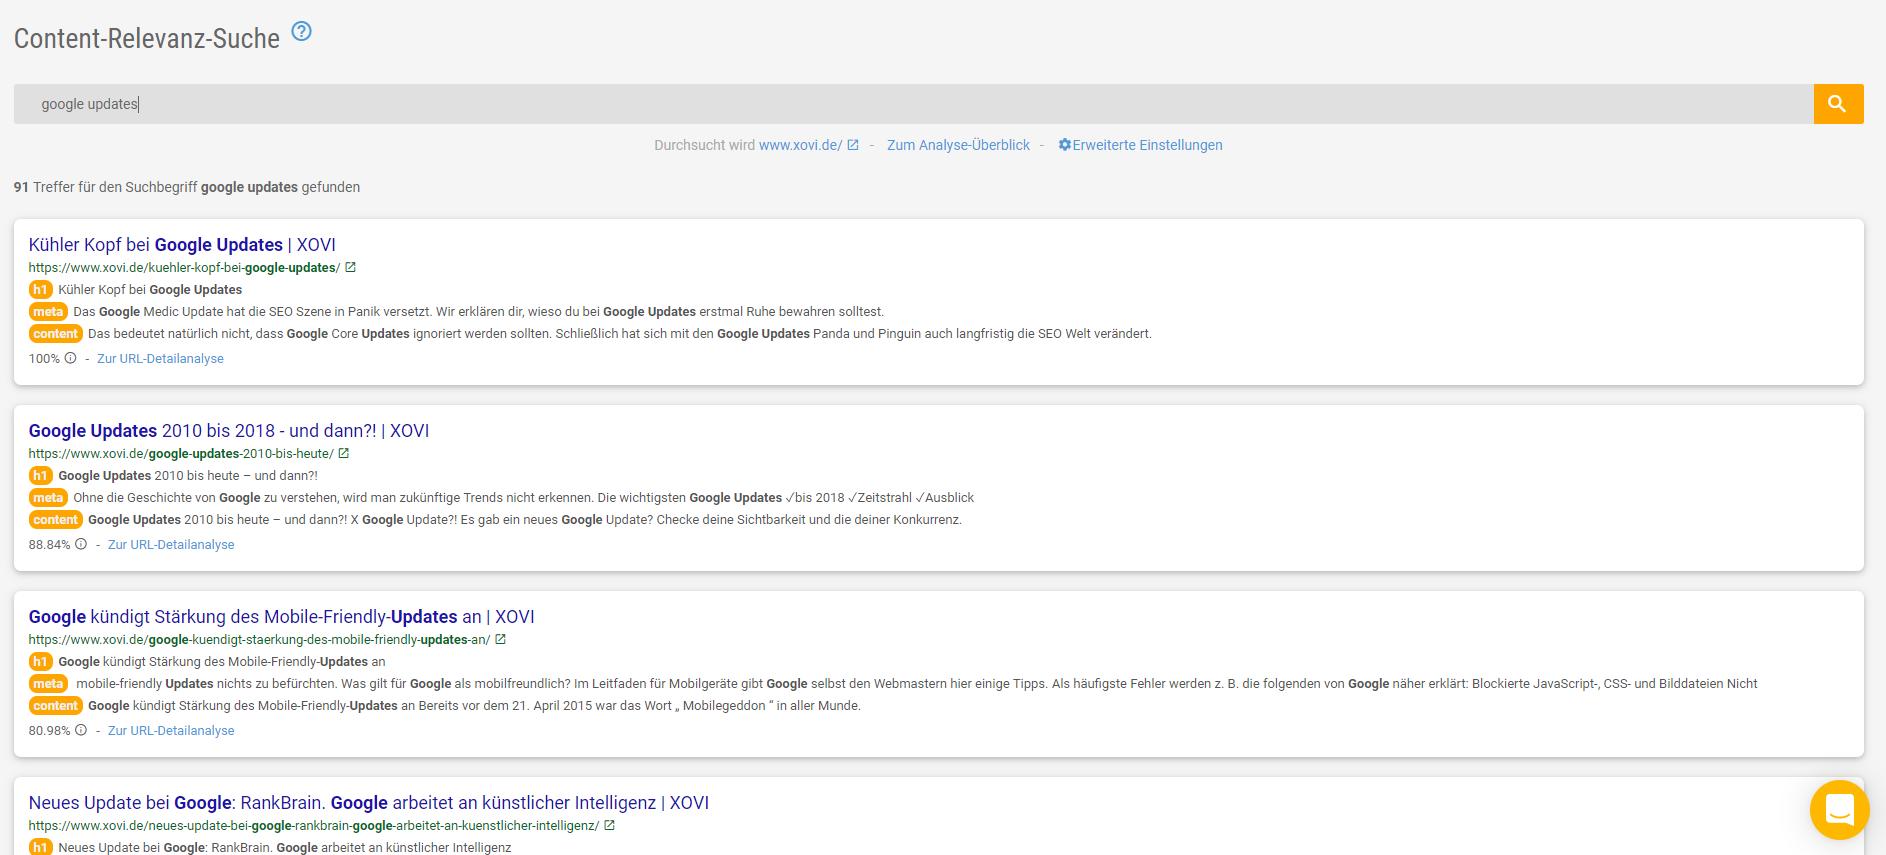 Die Content-Relevanz-Suche zeigt dir deine relevantesten Seiten zu einem Keyword.